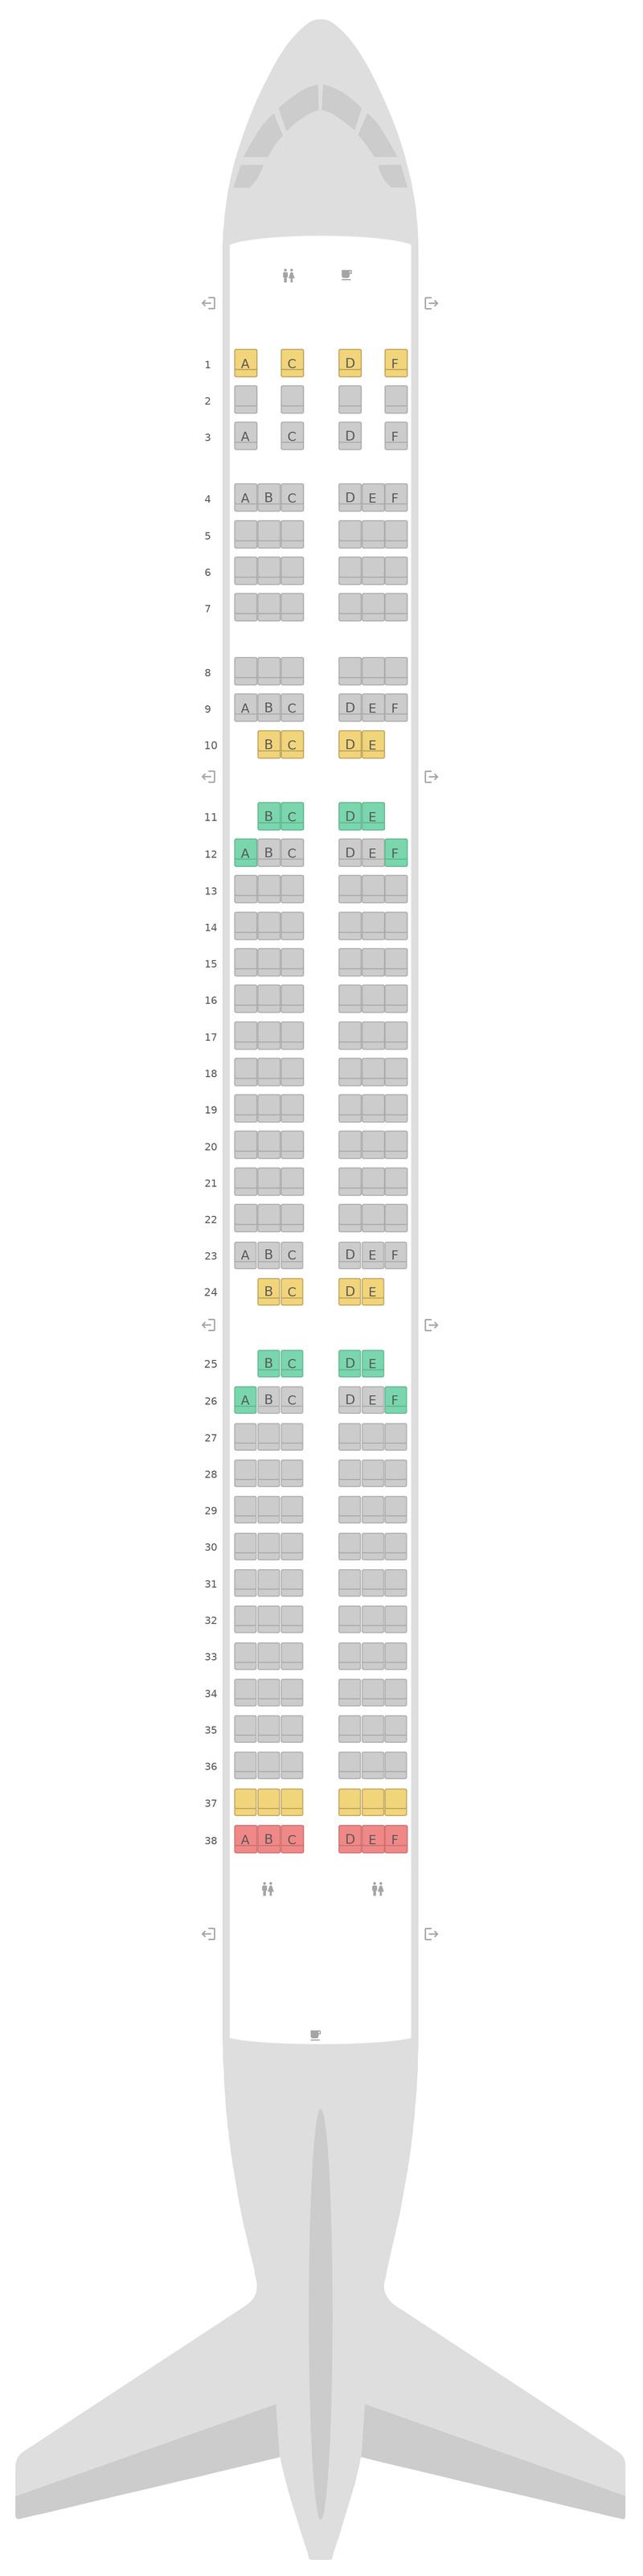 Схема салона Аэробус А321 LATAM